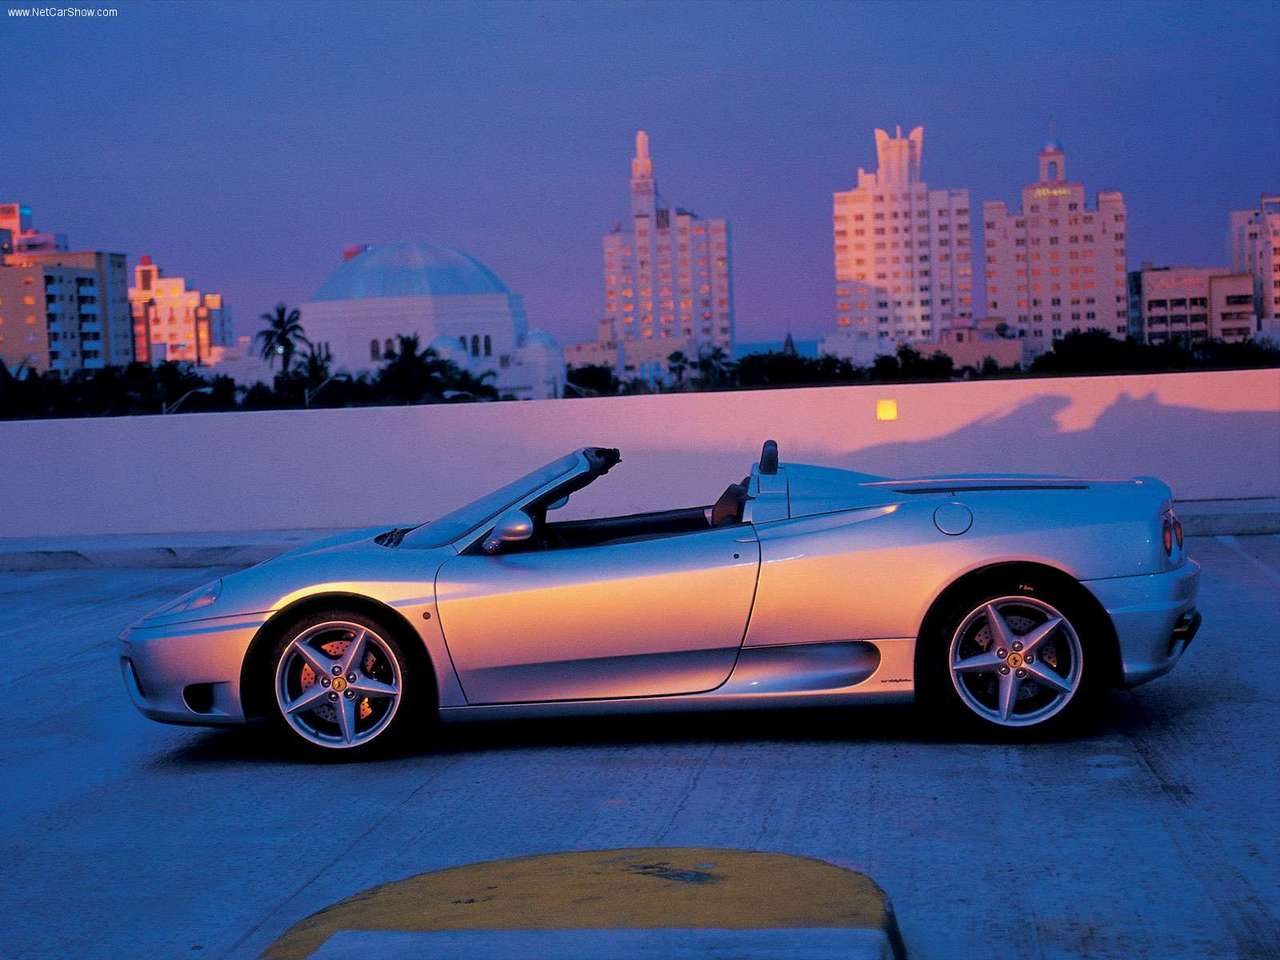 http://4.bp.blogspot.com/-CvDhjIvppLs/TYwmd-f2nOI/AAAAAAAADUw/tCl-0lv_P1E/s1600/Ferrari-360_Spider_2001_1280x960_wallpaper_06.jpg